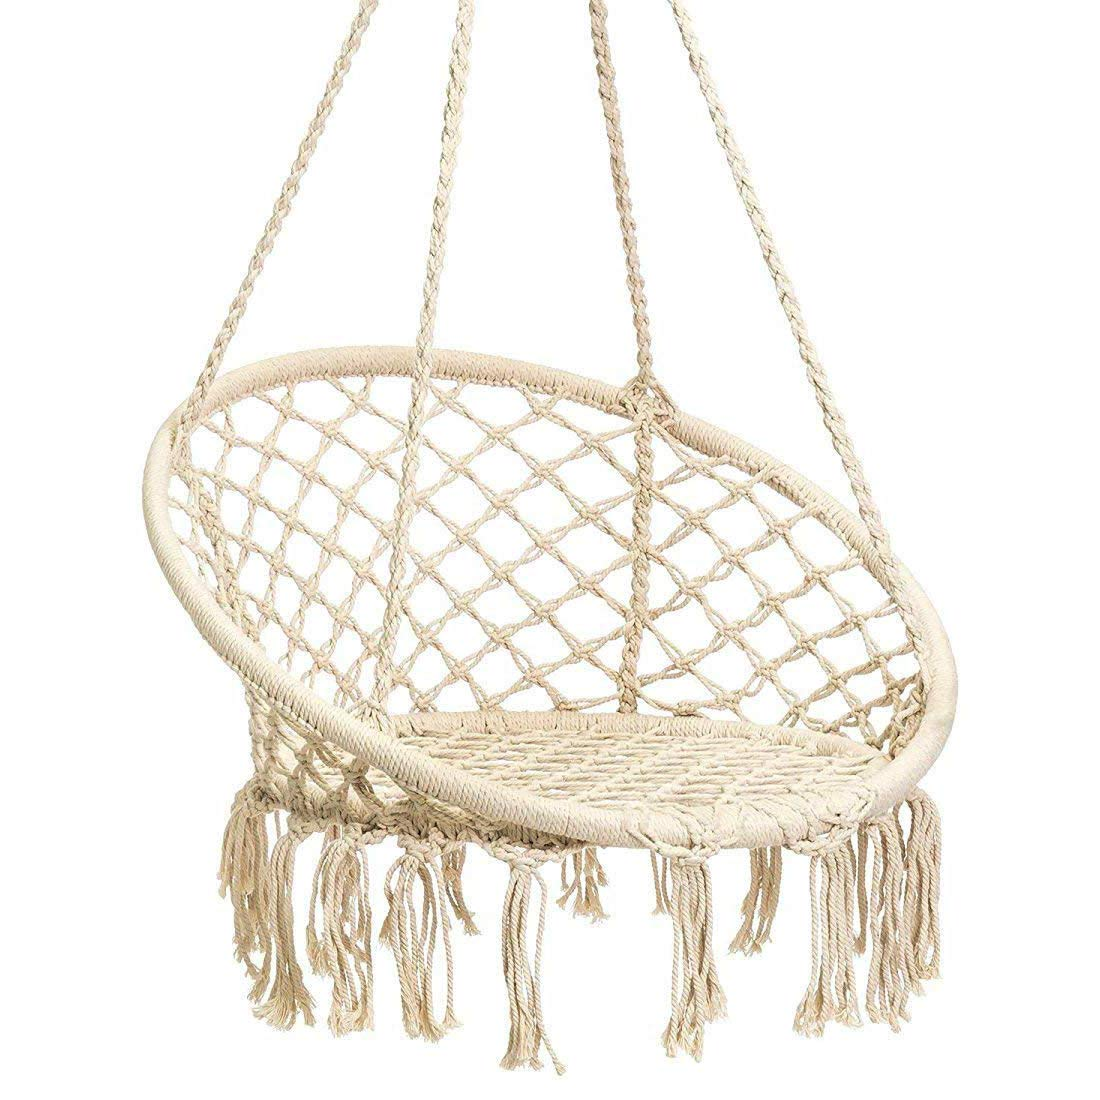 Techcell Hammock Chair Macrame Swing,Cotton Hanging Macrame Hammock Swing Chair Ideal for Indoor, Outdoor, Home,Bedroom, Patio, Deck, Yard, Garden (Beige)